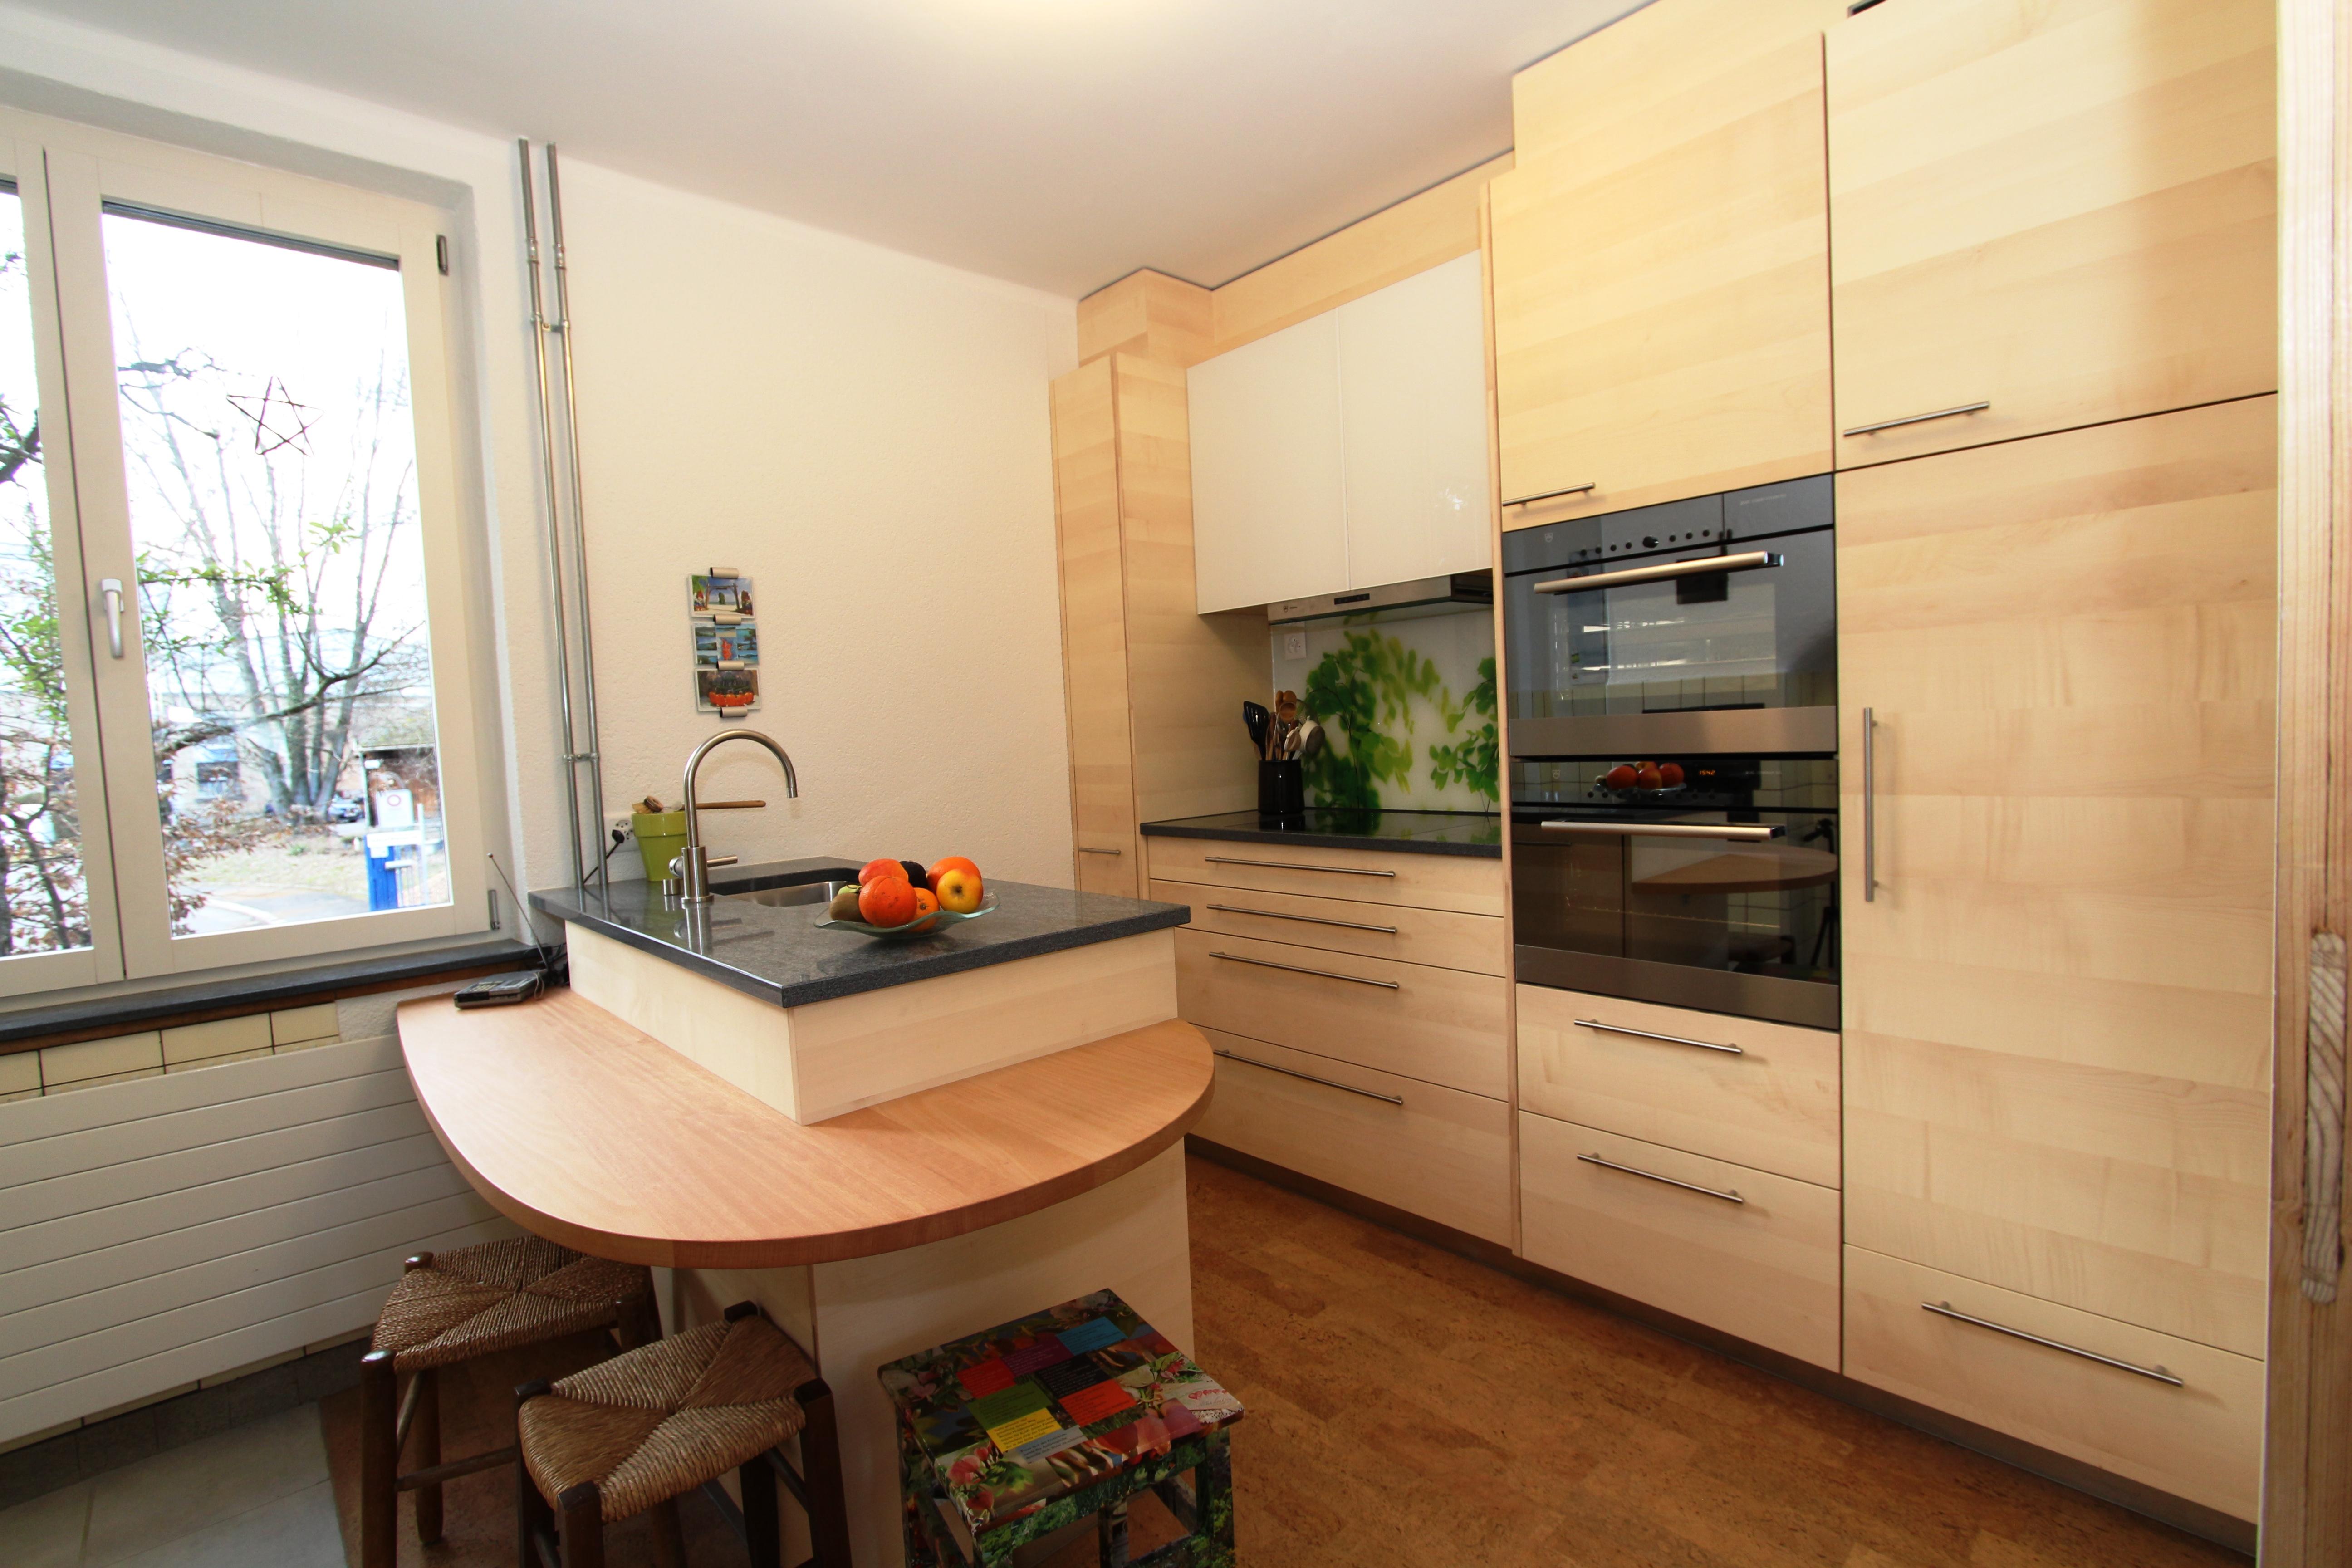 Küche Sperrholz, Fronten Ahorn Dreischicht